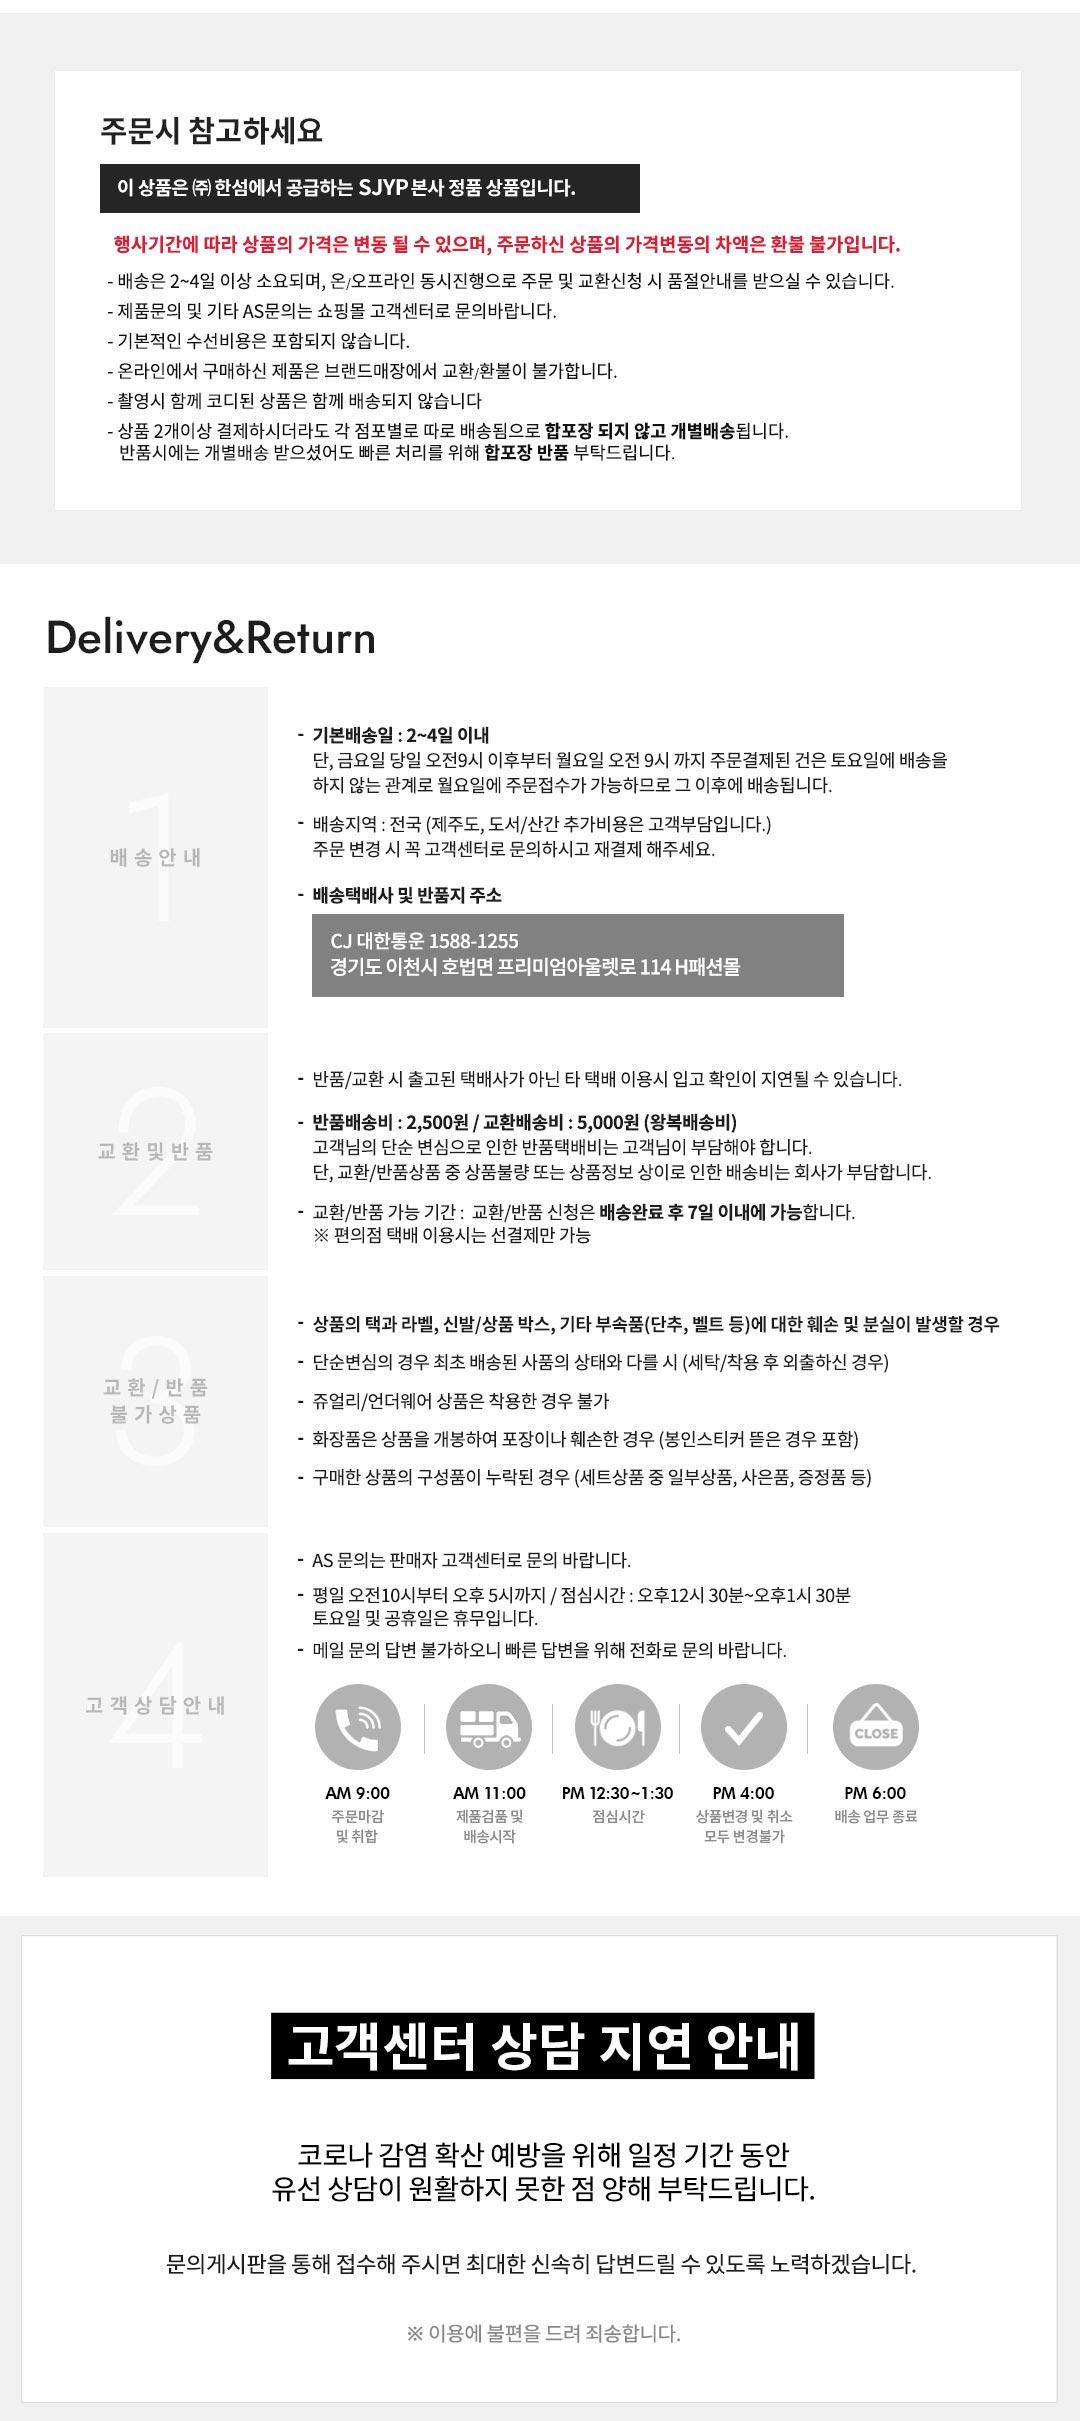 에스제이와이피(SJYP) 오버사이즈핏 솔리드 트렌치 코트 PWMT1WH51000 003